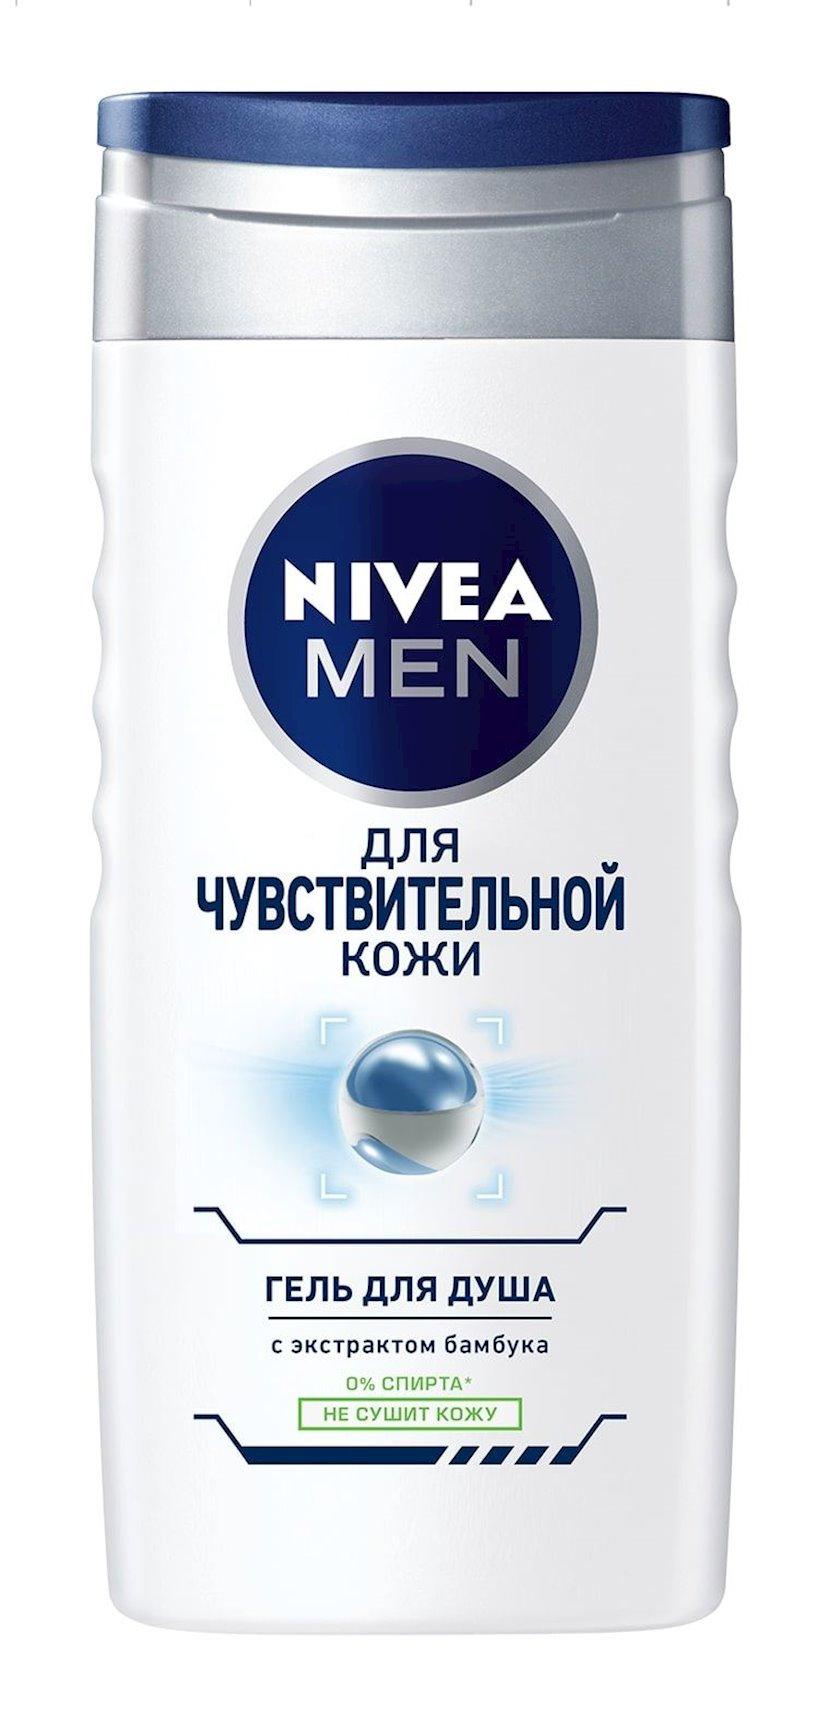 Duş üçün gel Nivea həssas dəri üçün, kişilər üçün 250 ml